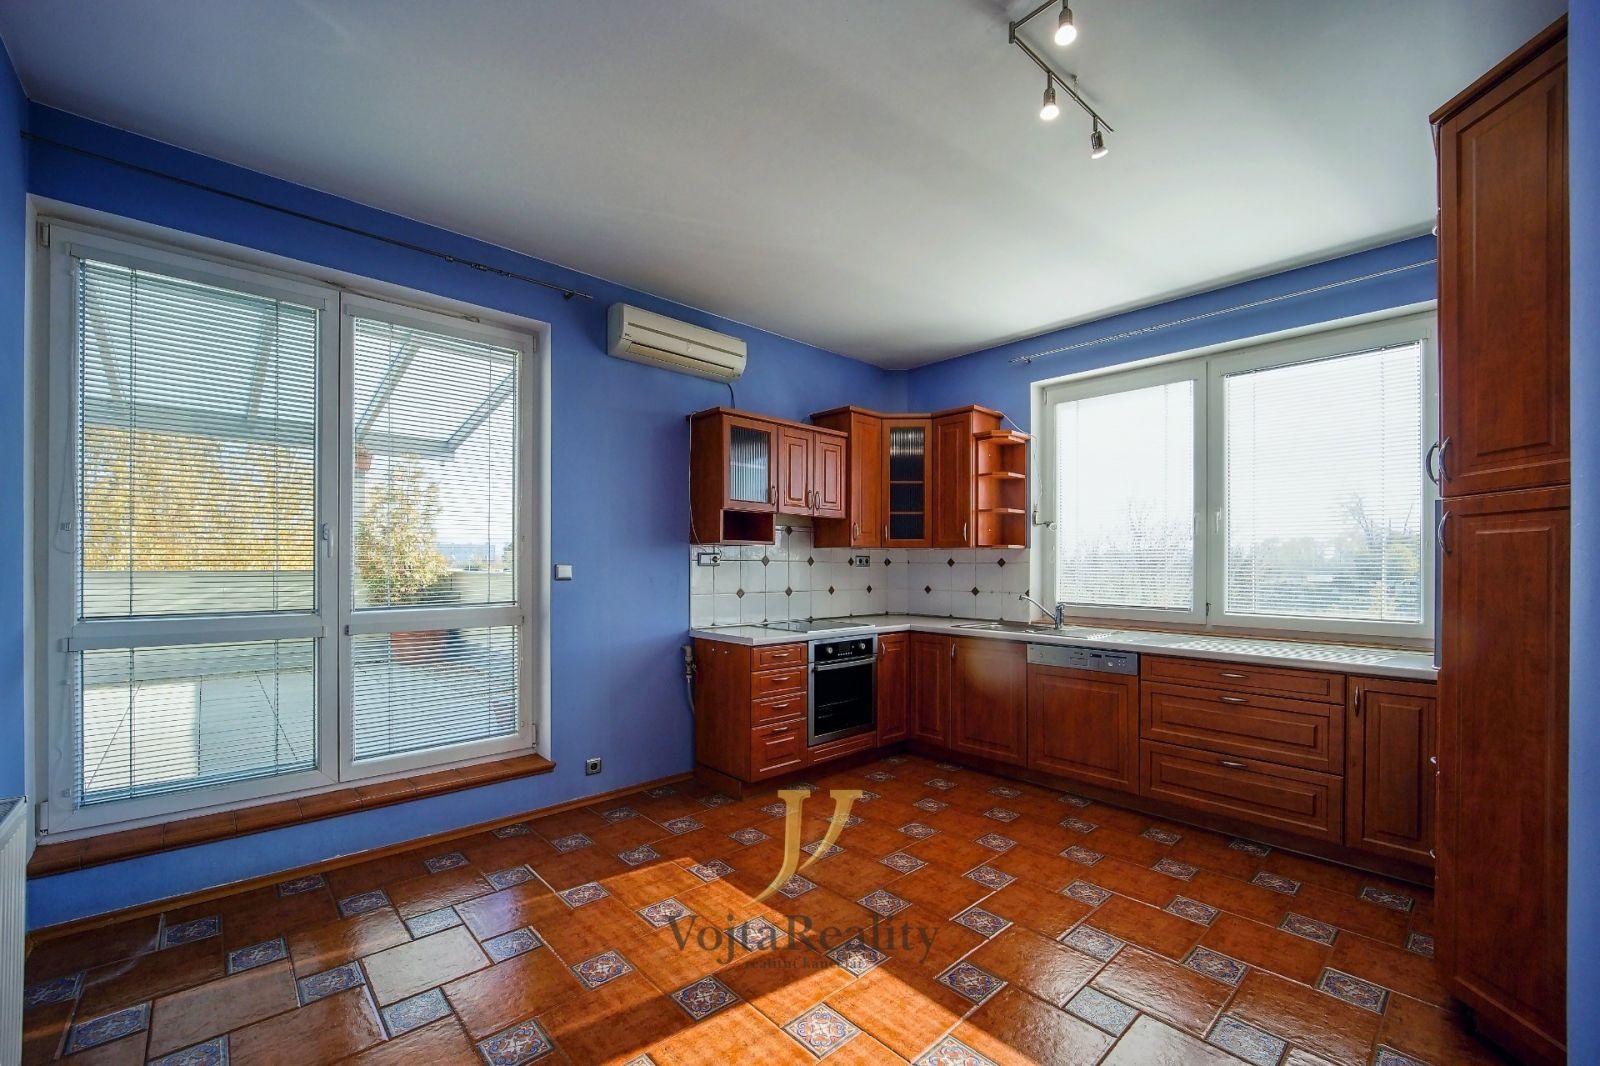 Prodej, byt 4+kk, 212m2, Novosadský dvůr - Olomouc